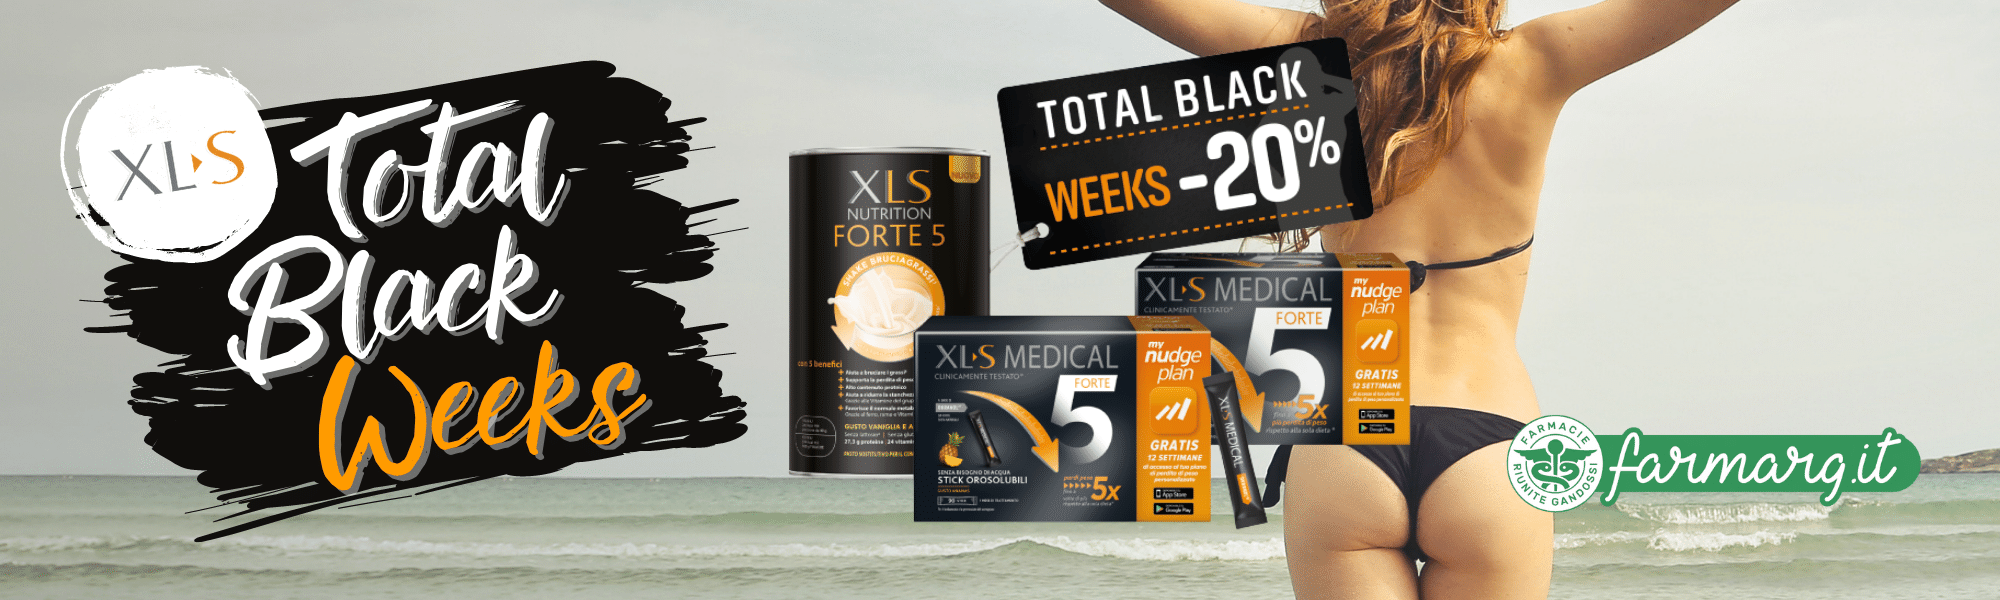 XLS TOTAL BLACK WEEKS 2021